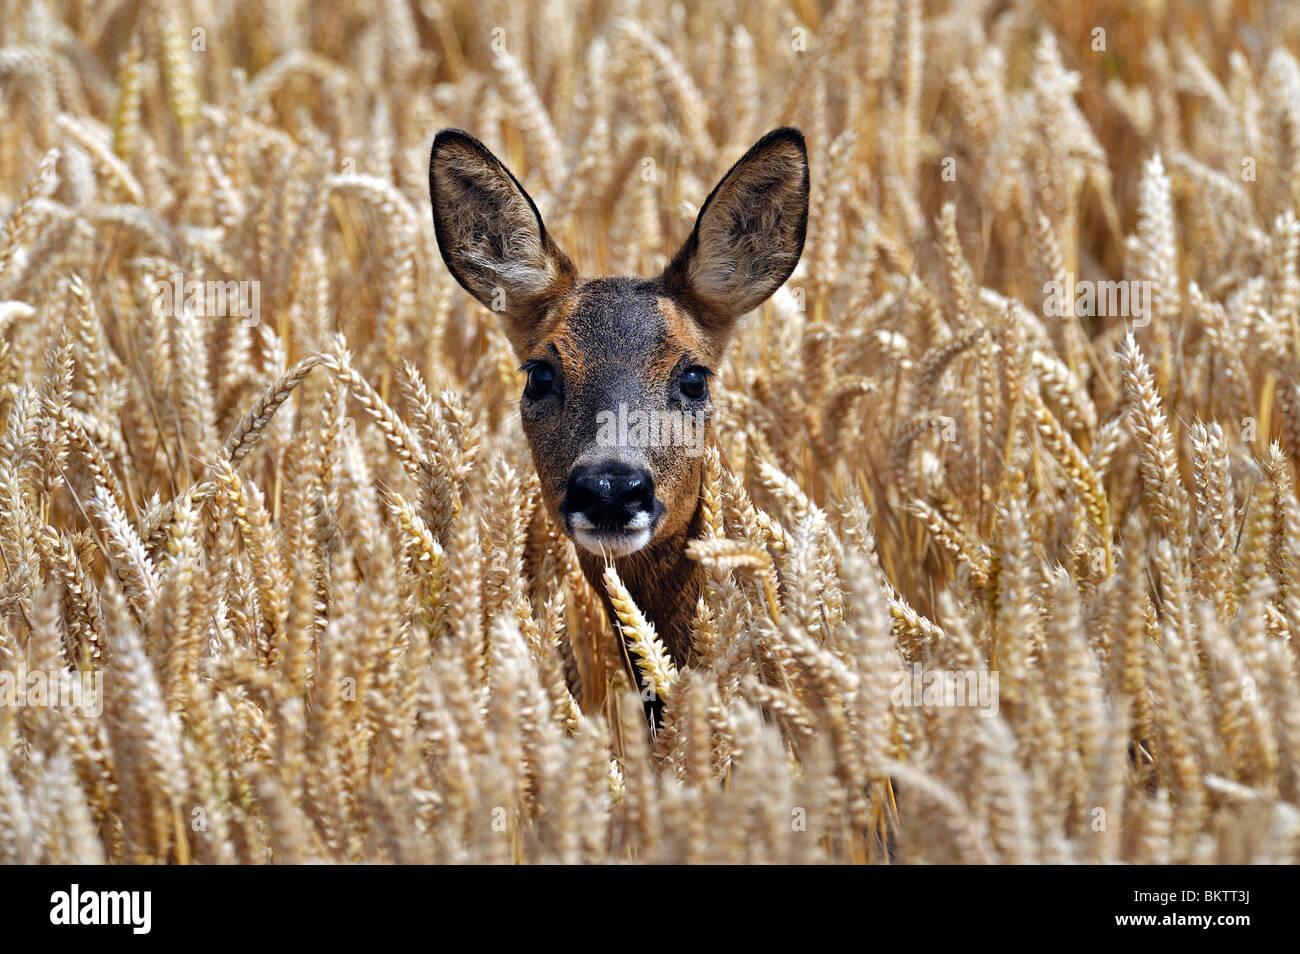 Roe Deer in autumn wheat field. - Stock Image